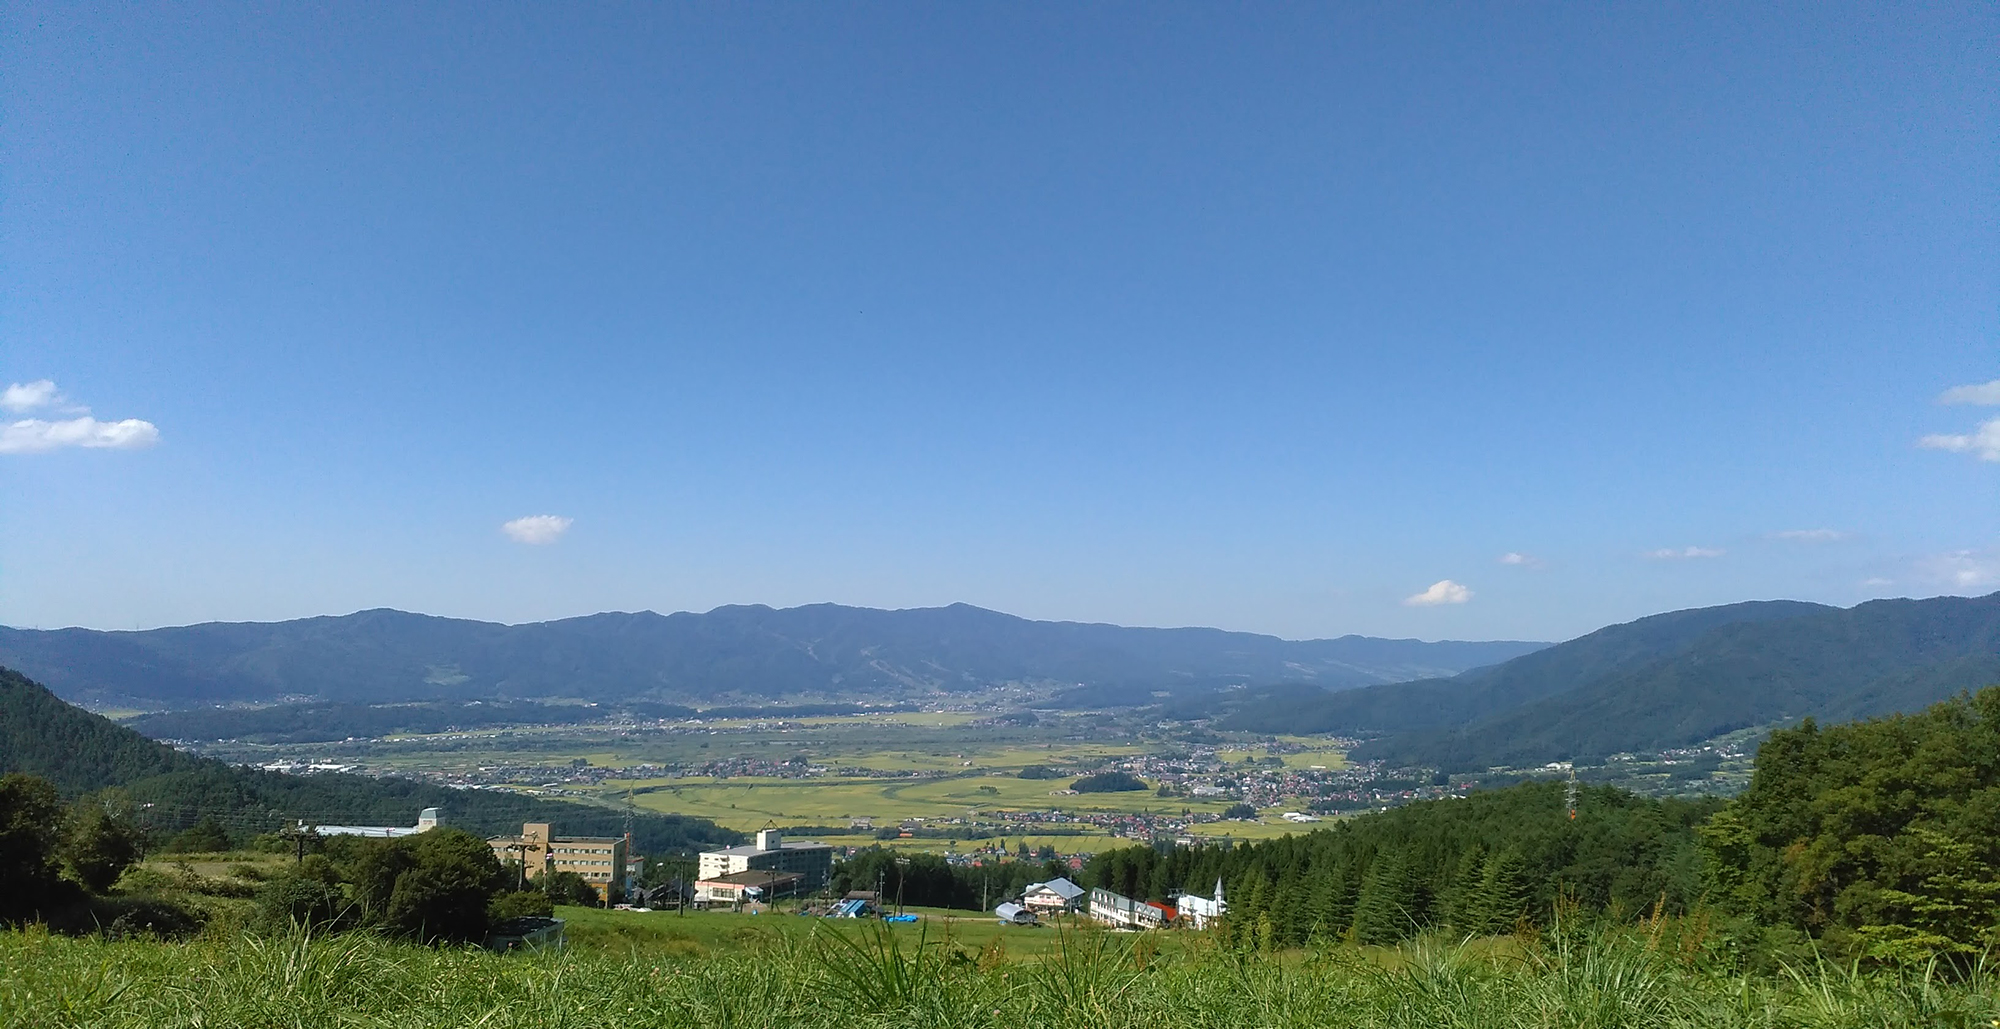 木島平村の風景 スキー場ゲレンデから